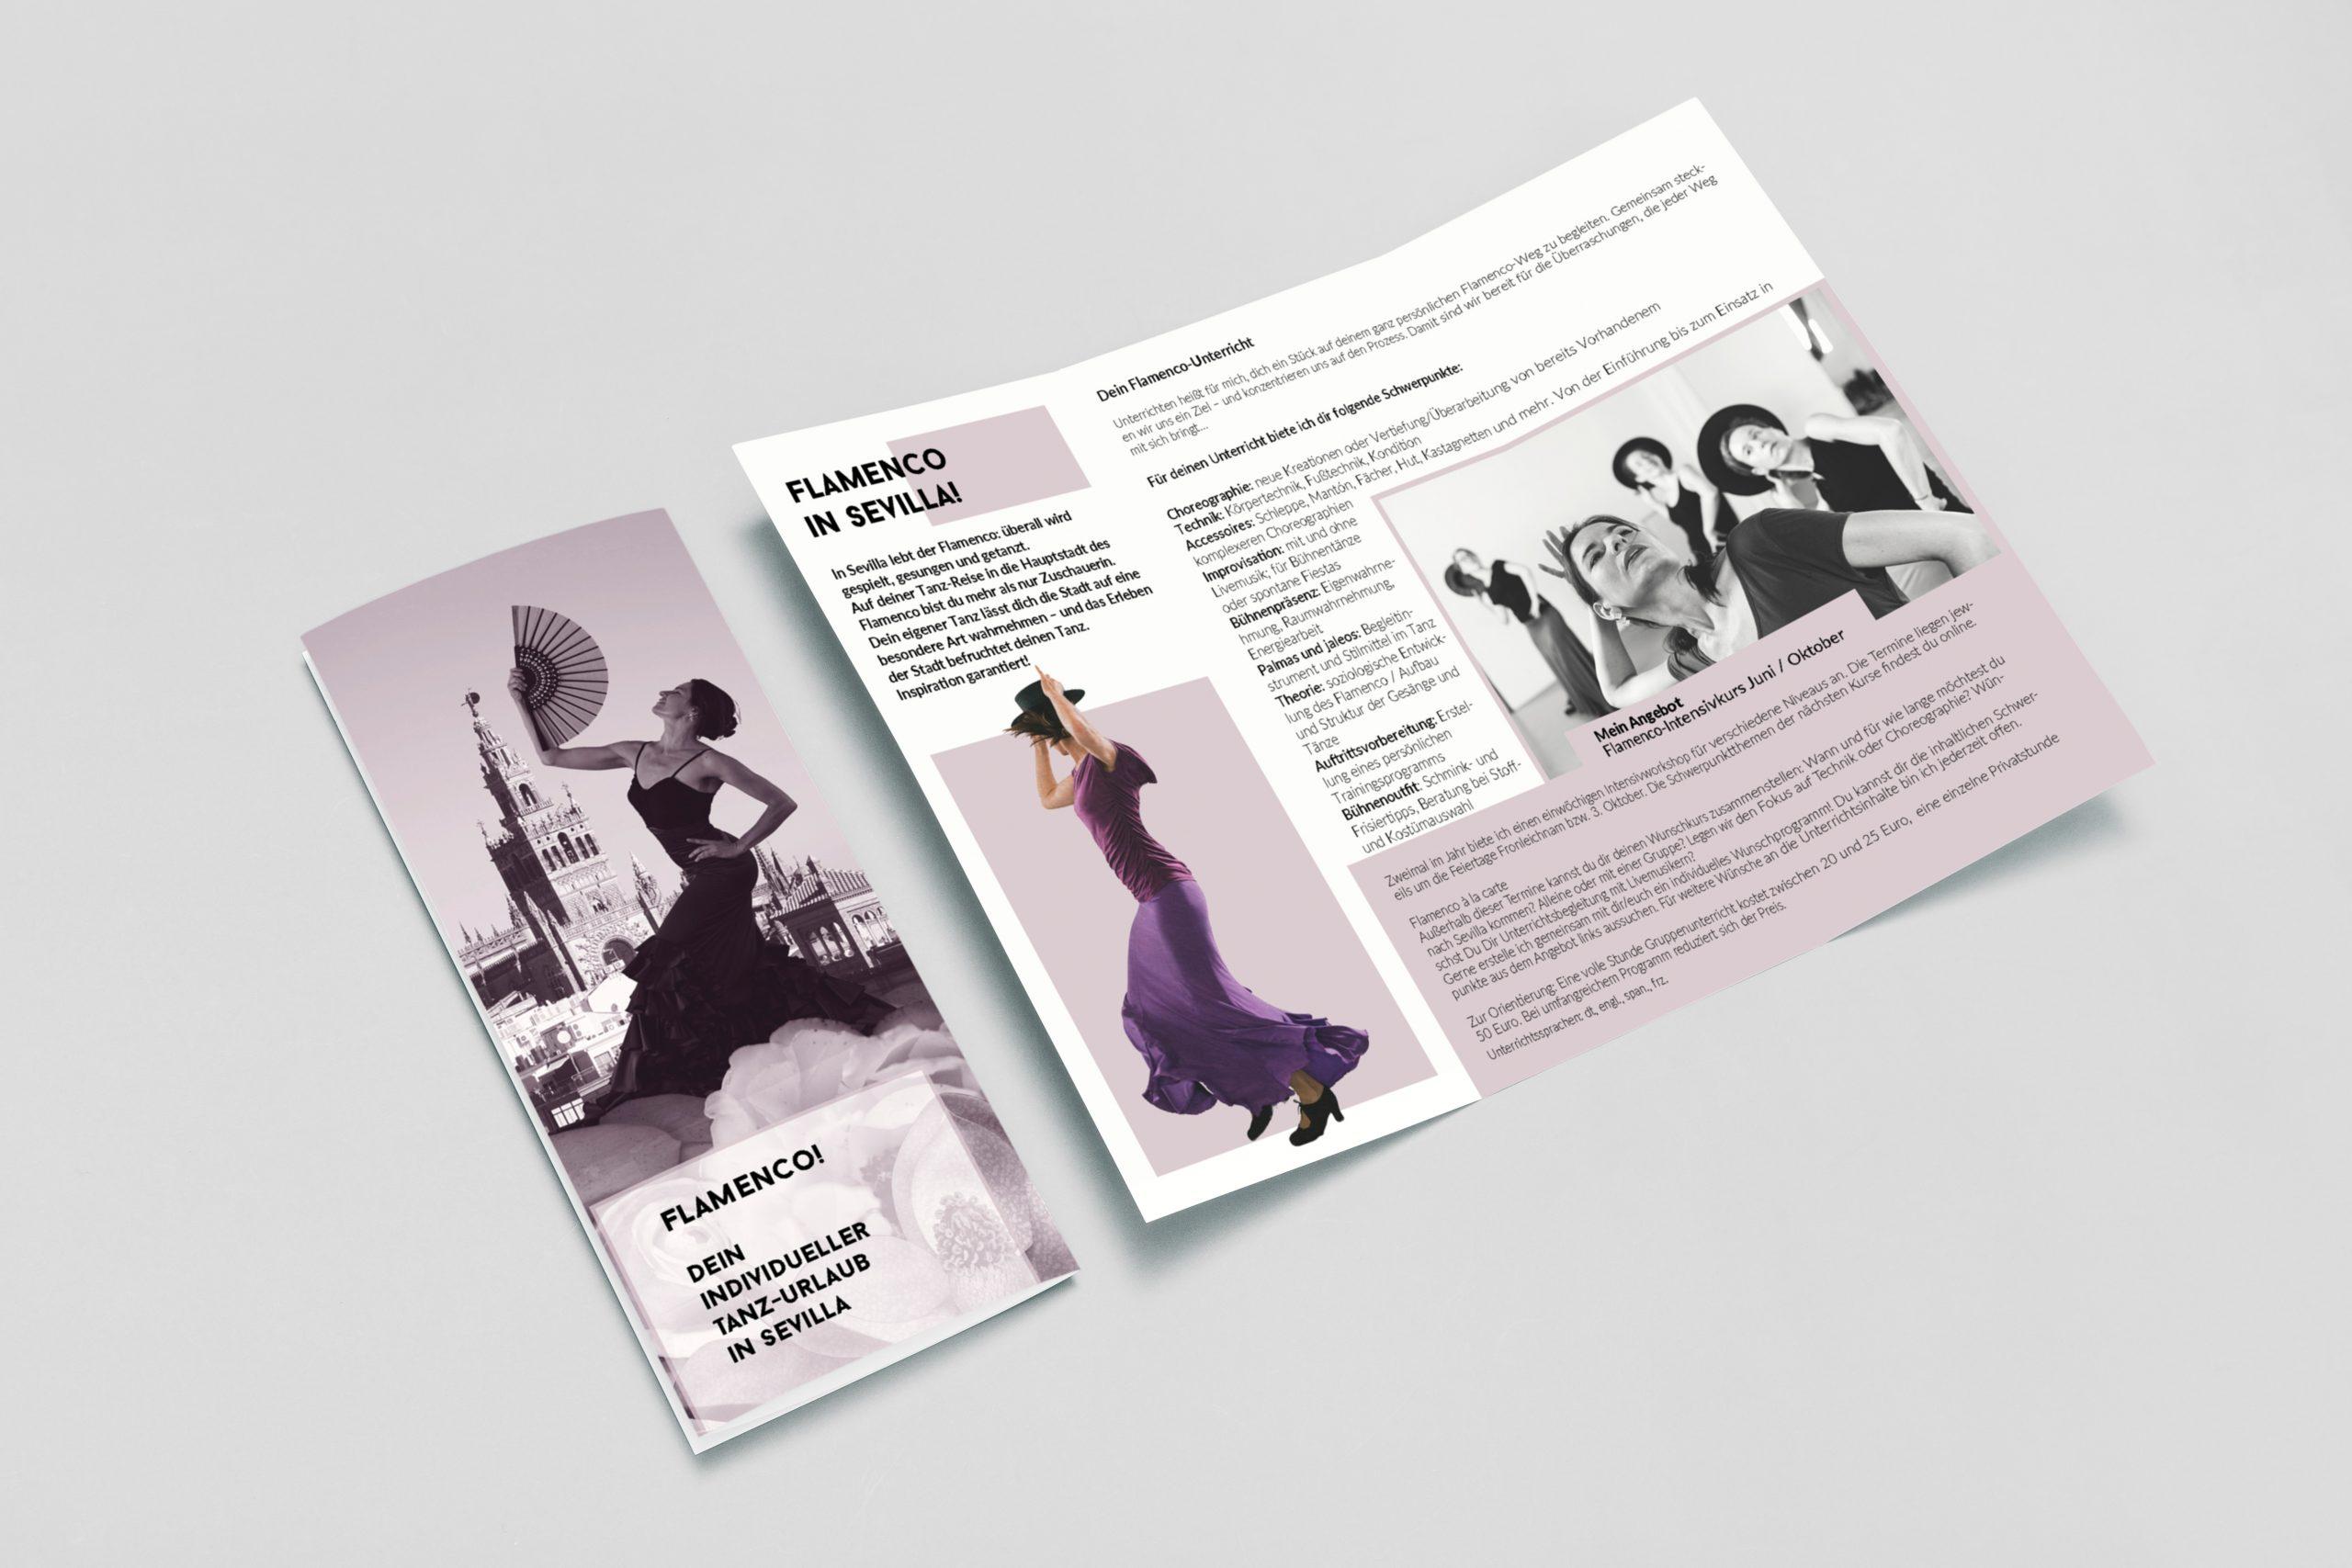 Tríptico espectáculo flamenco, Carina la Debla, by DSMK